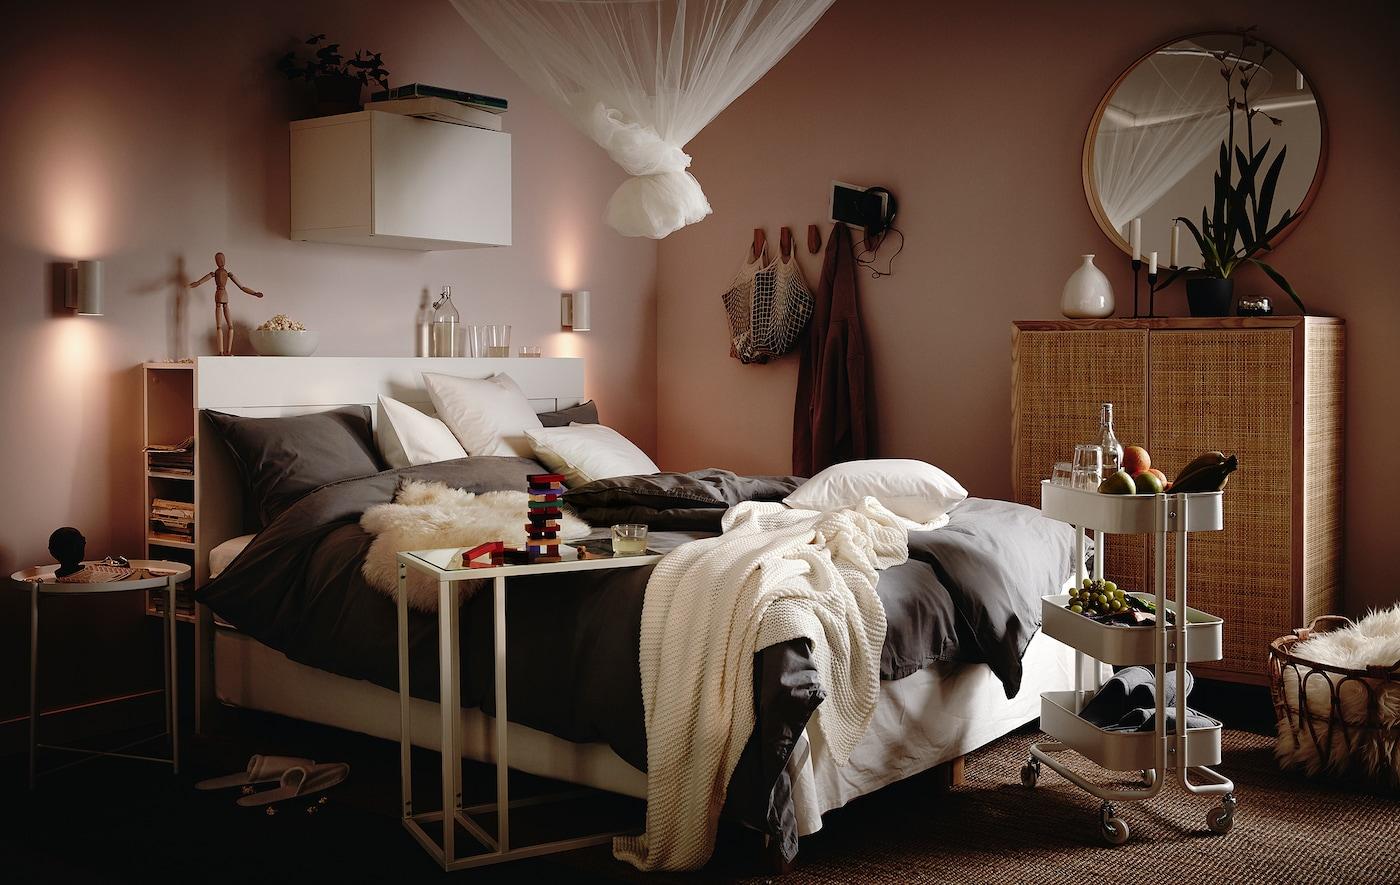 Łóżko z puszystą pościelą, poduszkami i pledami, wózek z przekąskami i napojami stojący obok, baldachim zawiązany w węzeł wiszący powyżej.